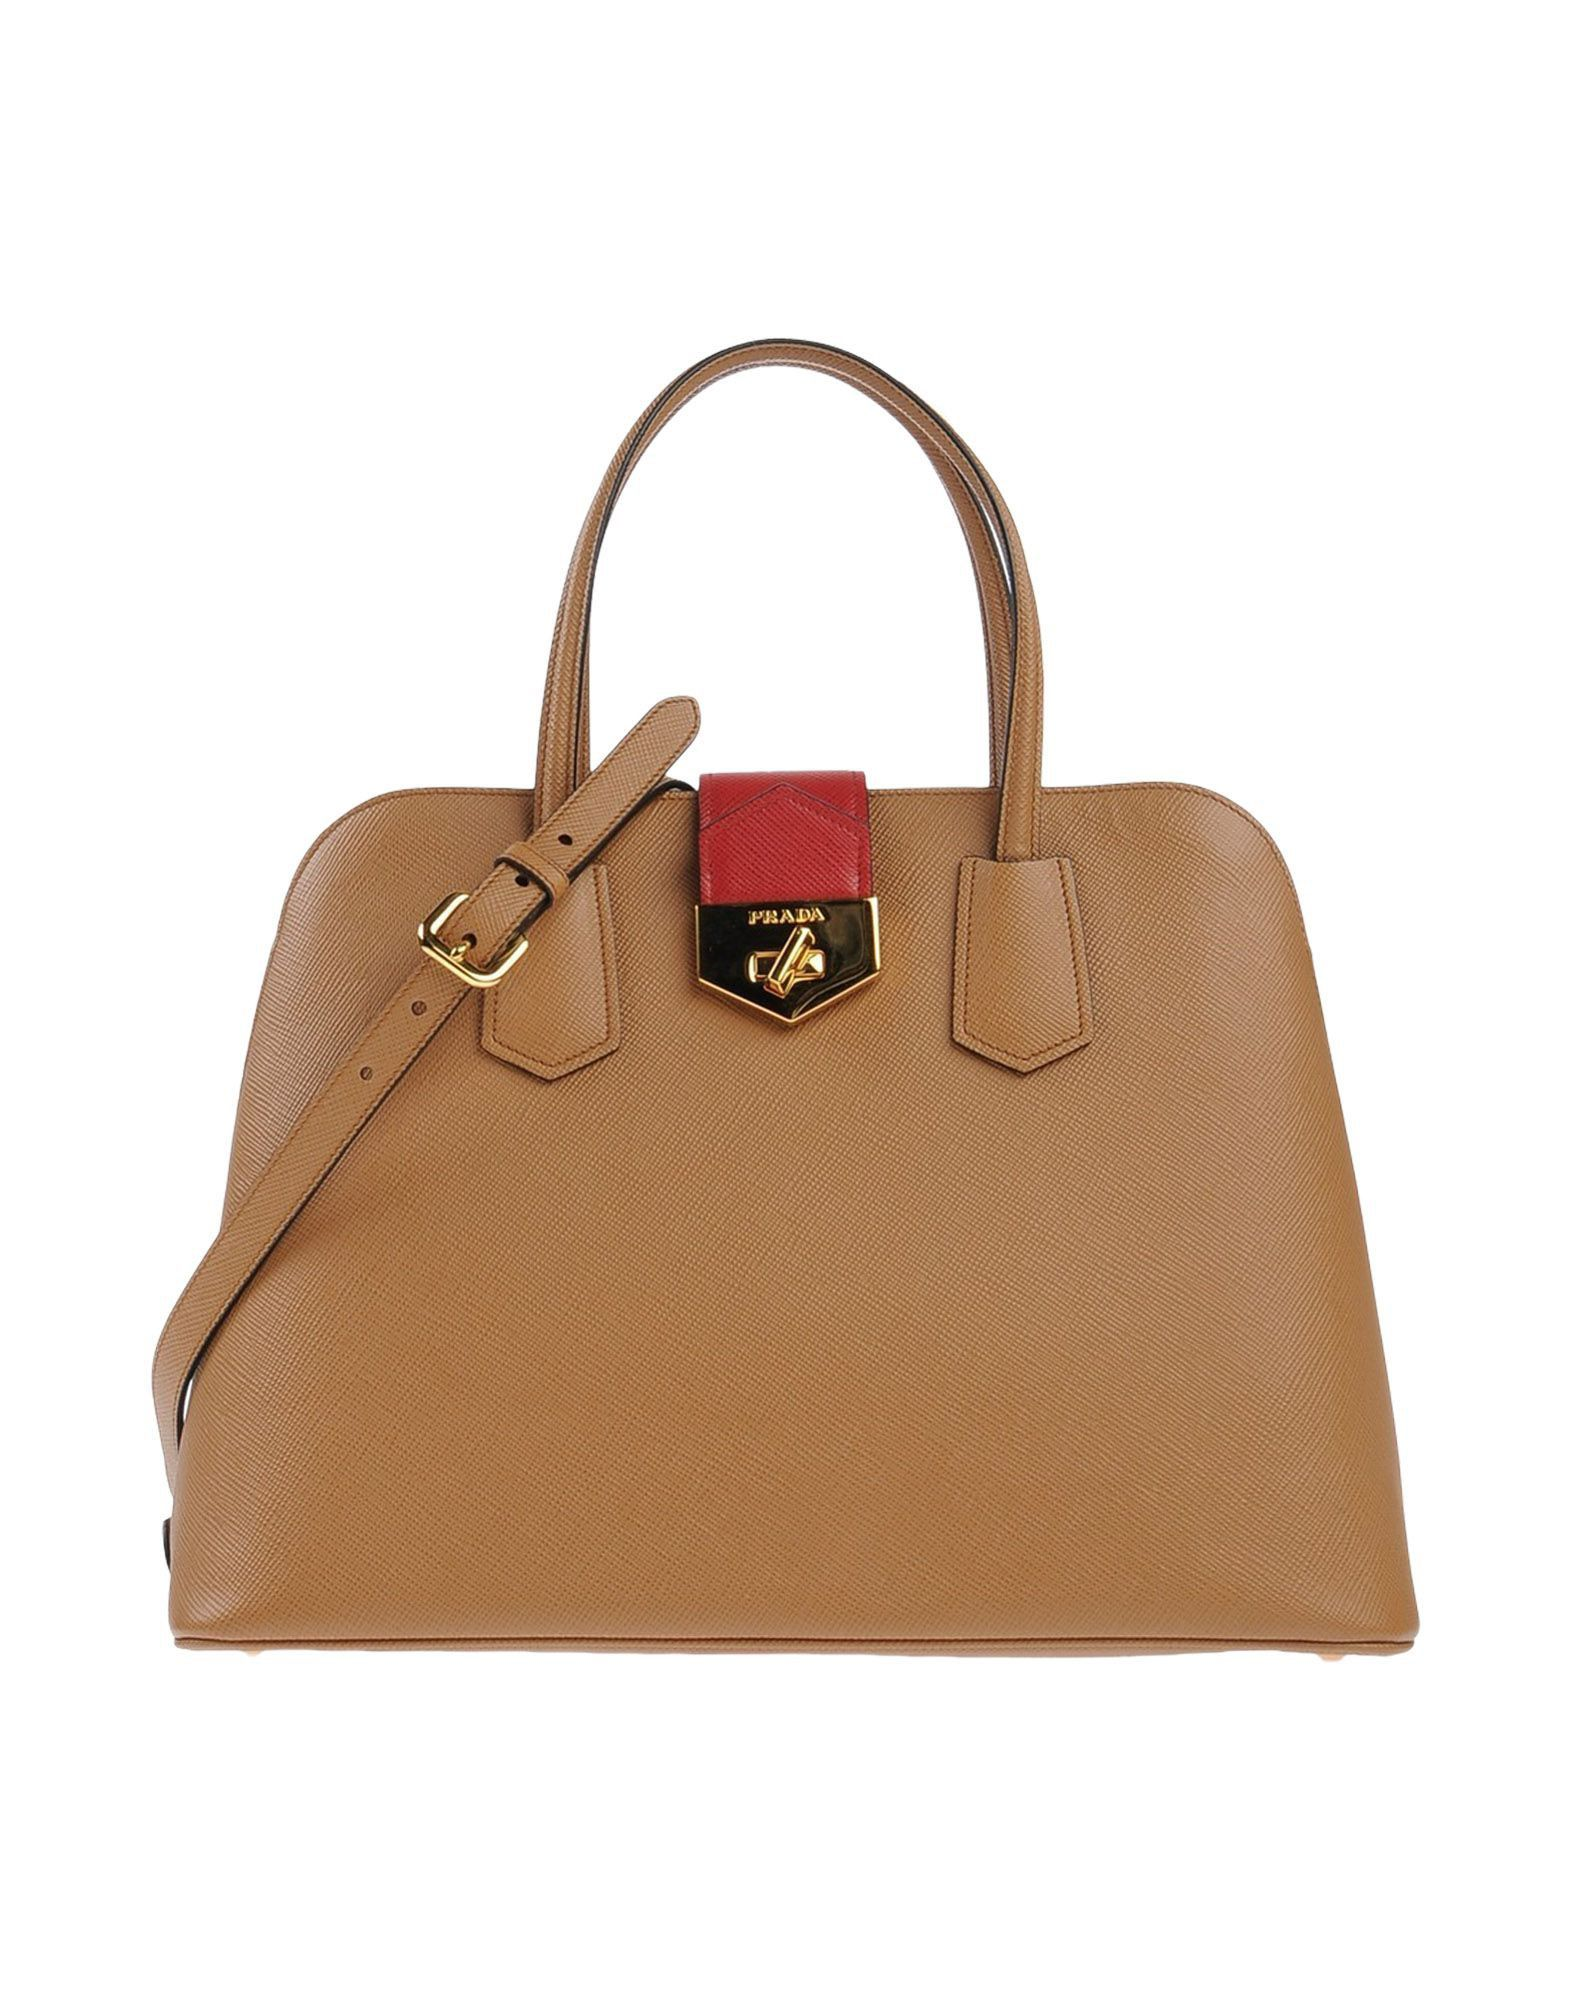 e0df9480b997 V24J8 Prada Saffiano Lux Bicolor Double-Zip Tote Bag